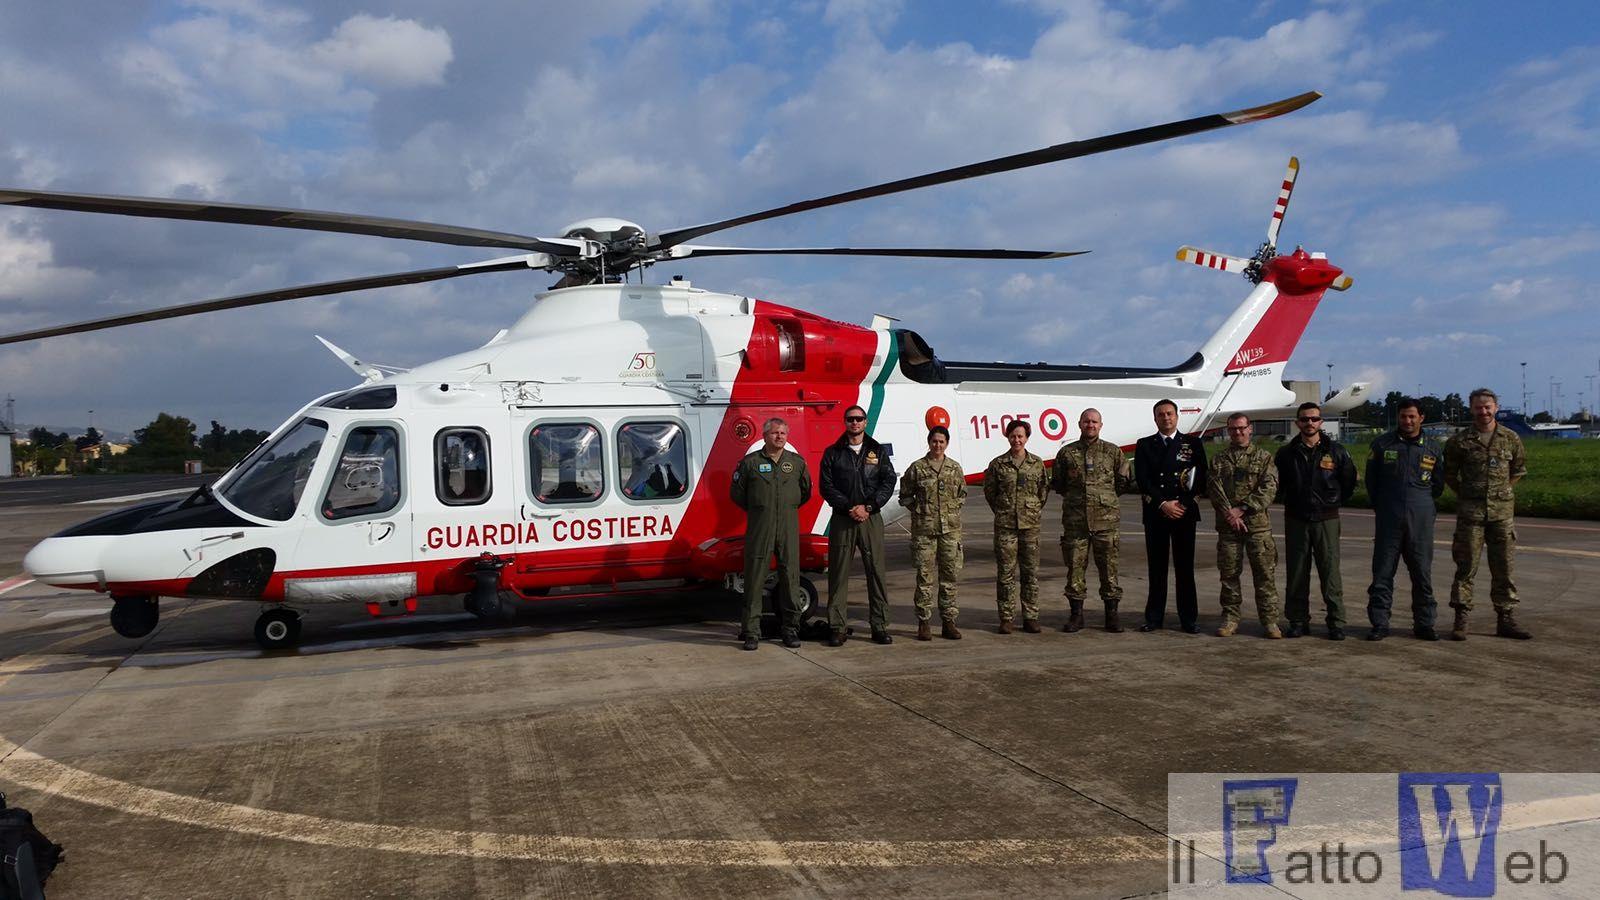 Catania: delegazione dell'Aeronautica Militare danese in visita ai Reparti Volo della Guardia Costiera.